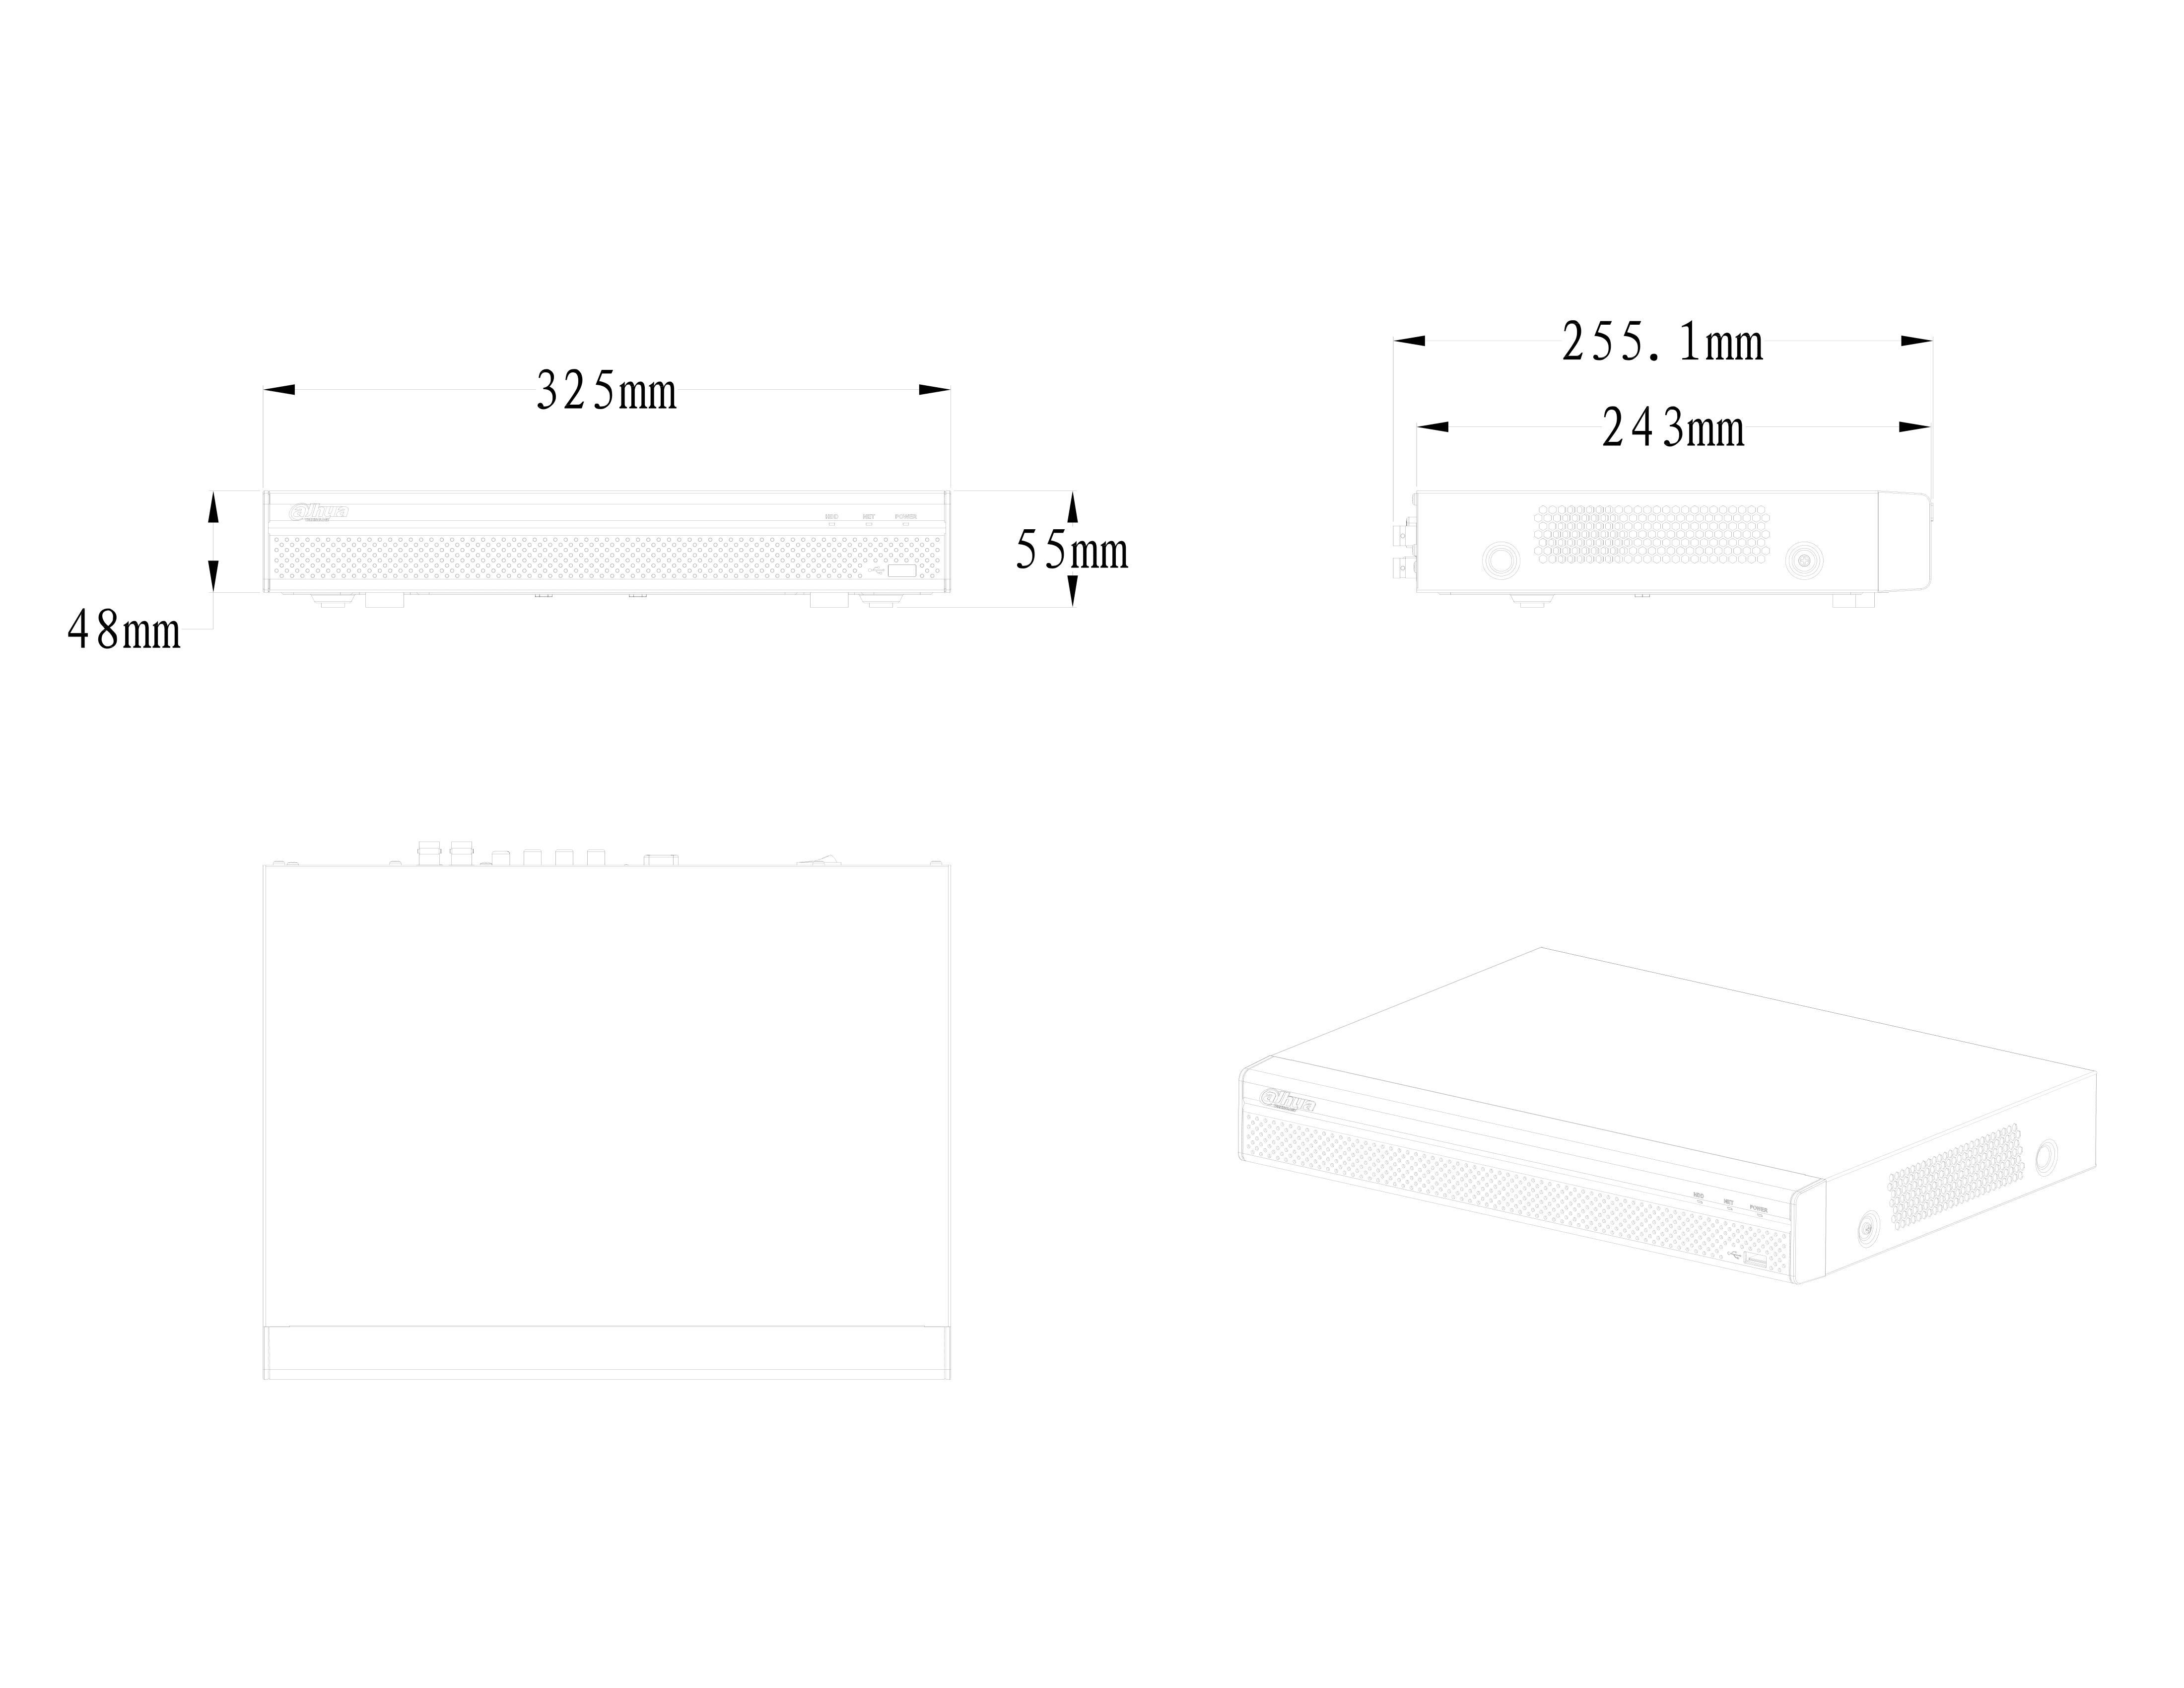 XVR5108-5116H-I_Dimension_20190520-1